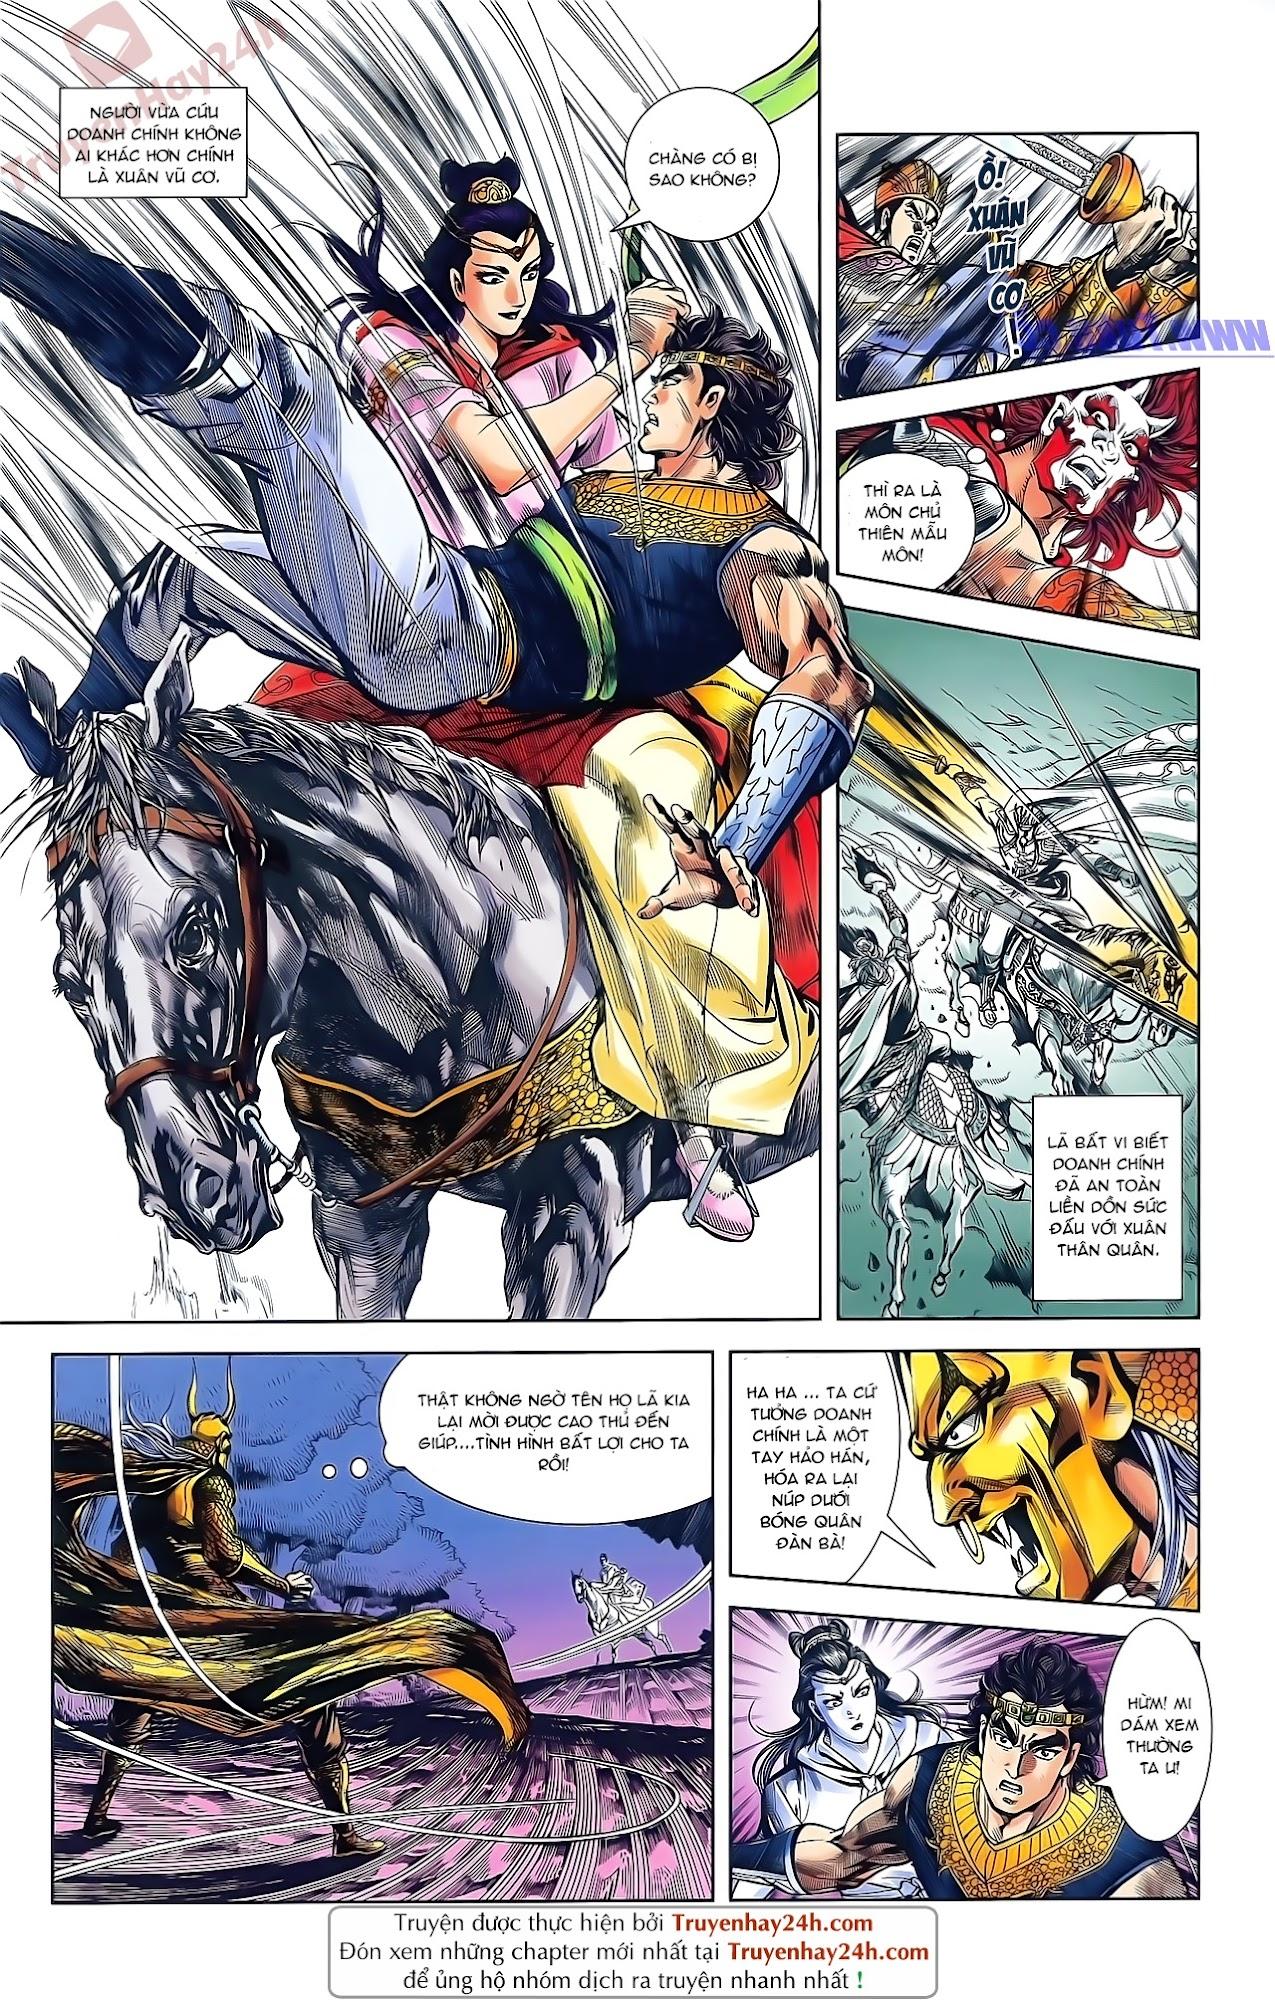 Tần Vương Doanh Chính chapter 49 trang 14